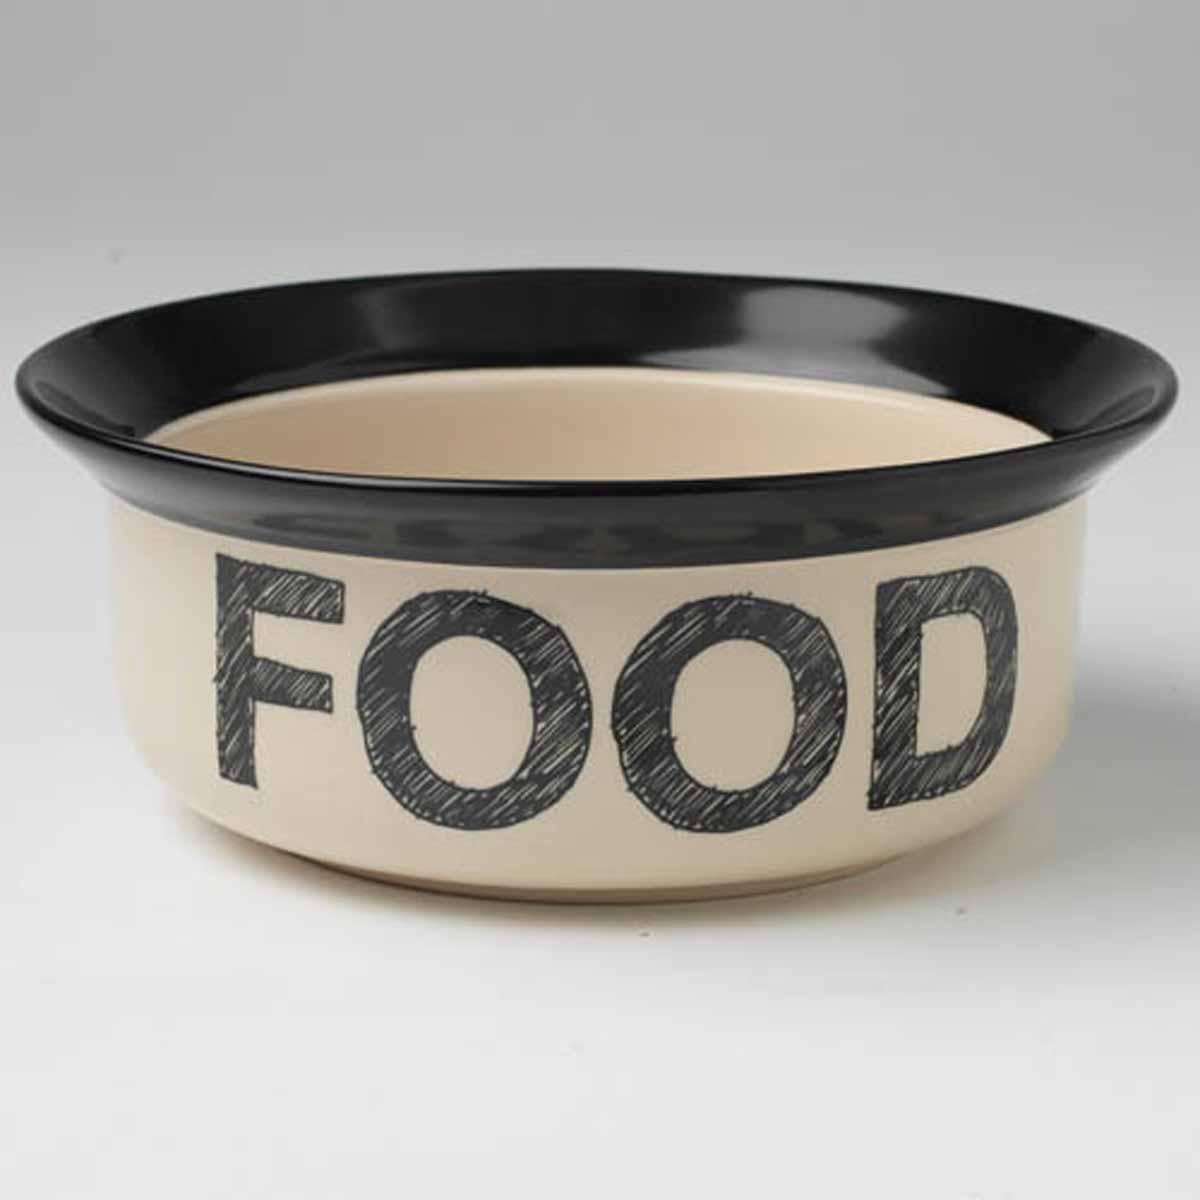 Fda Dog Food Regulations